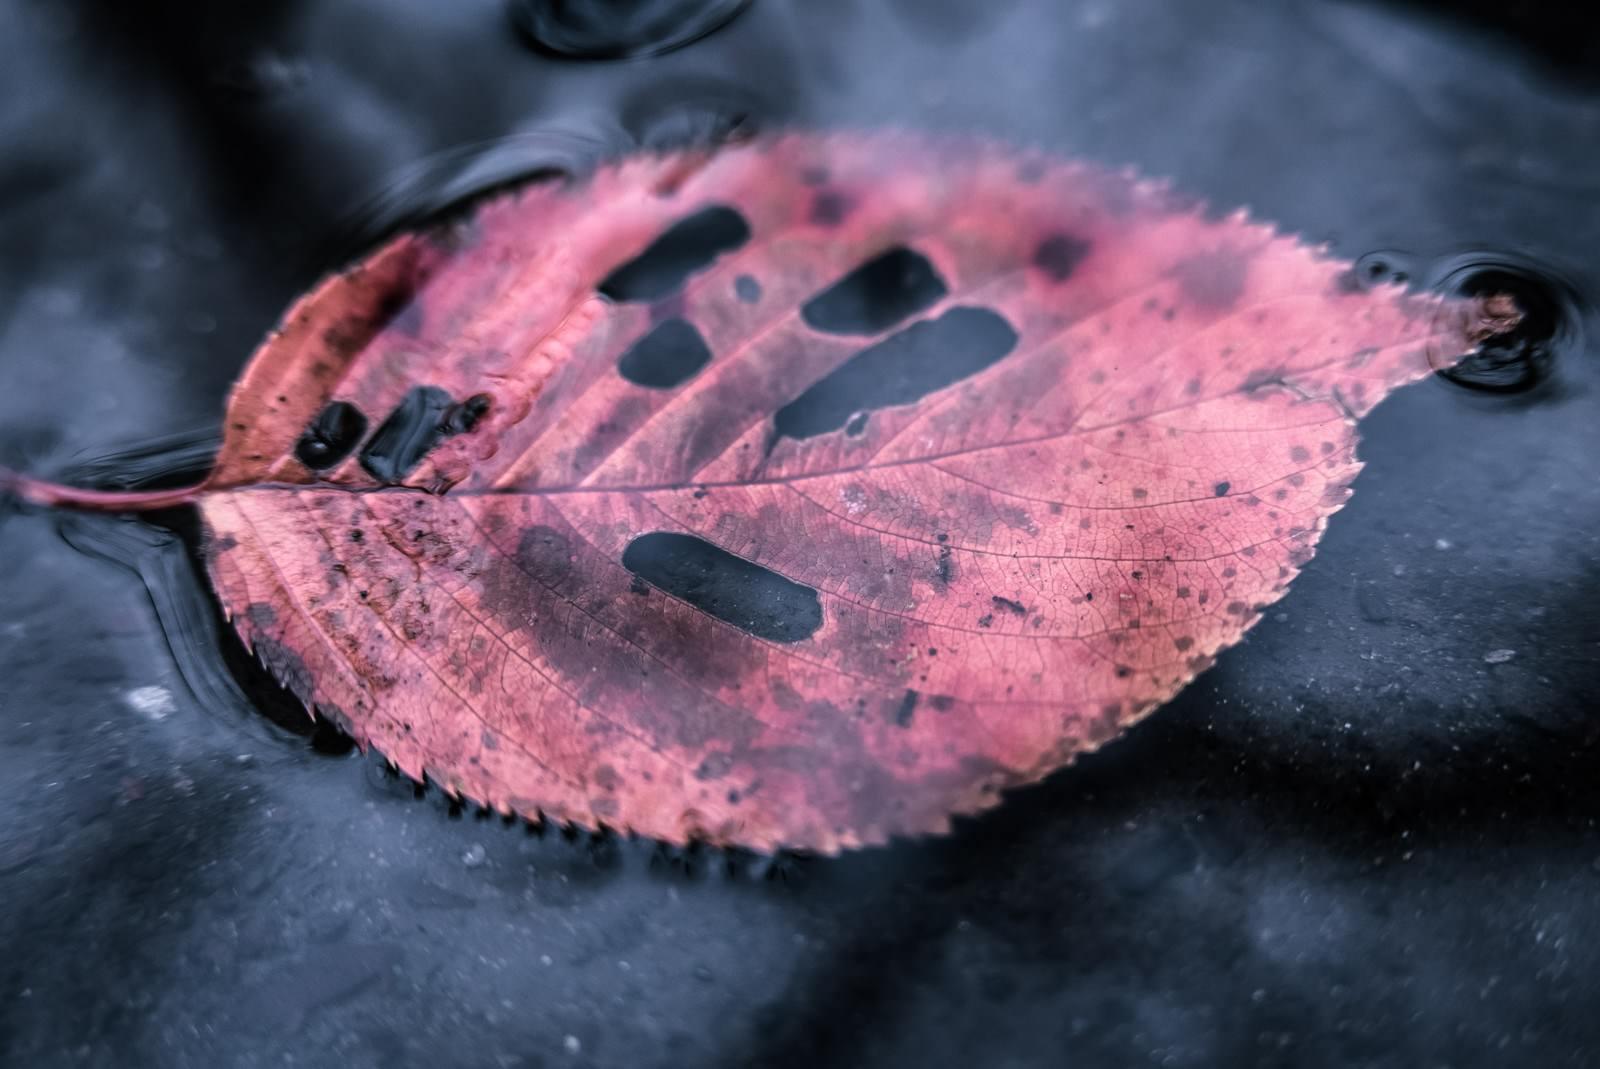 「水たまりと虫食い落ち葉水たまりと虫食い落ち葉」のフリー写真素材を拡大